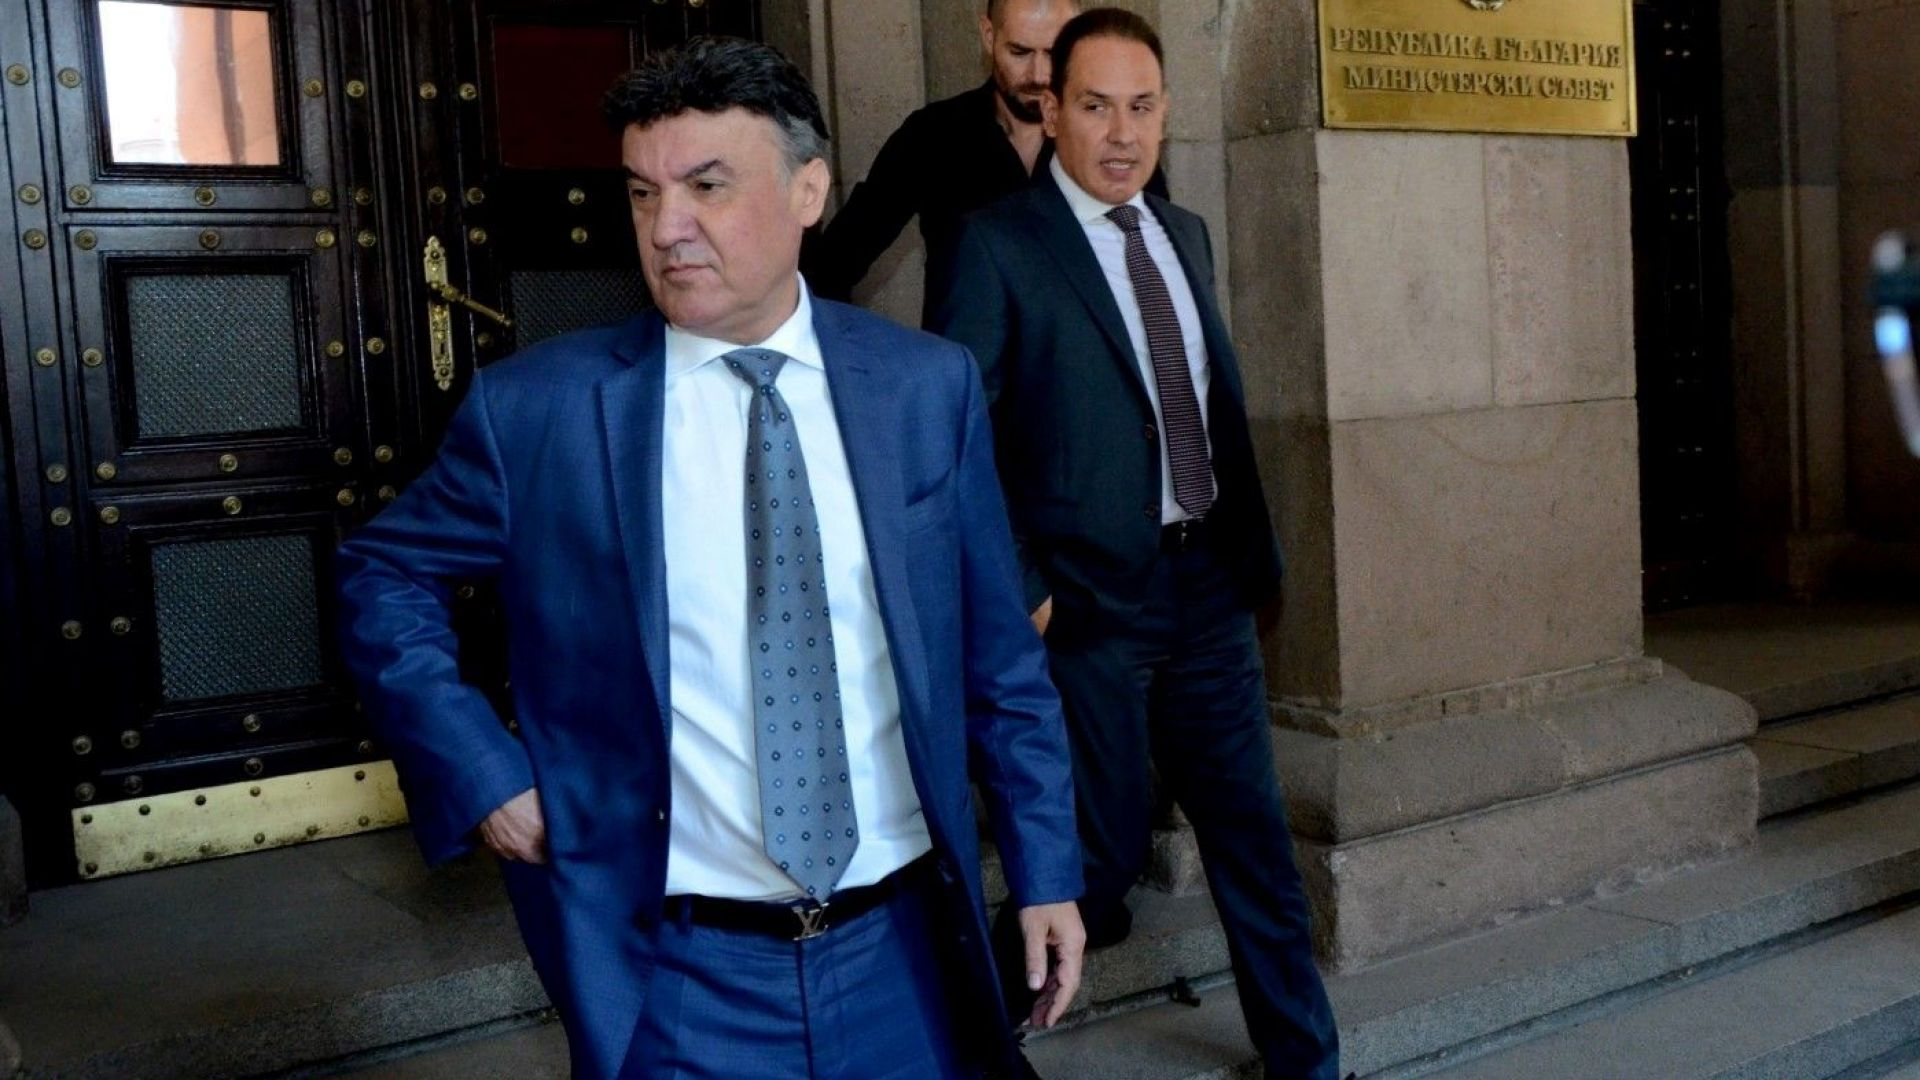 Кабинетът преустановява отношения с БФС до оставката на Боби Михайлов